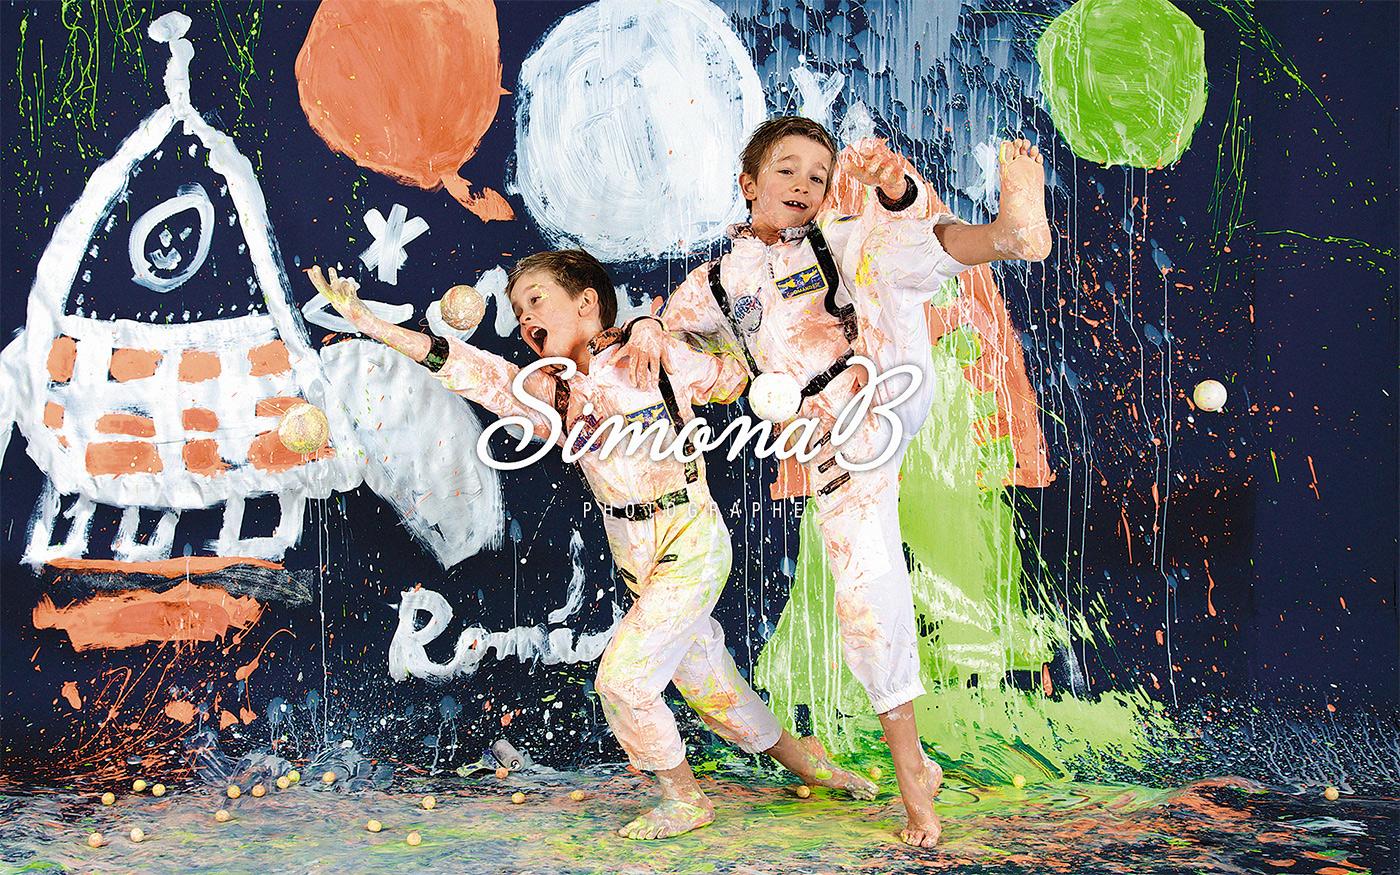 flyer Promotion Promotional photographe paint peinture artist Artiste